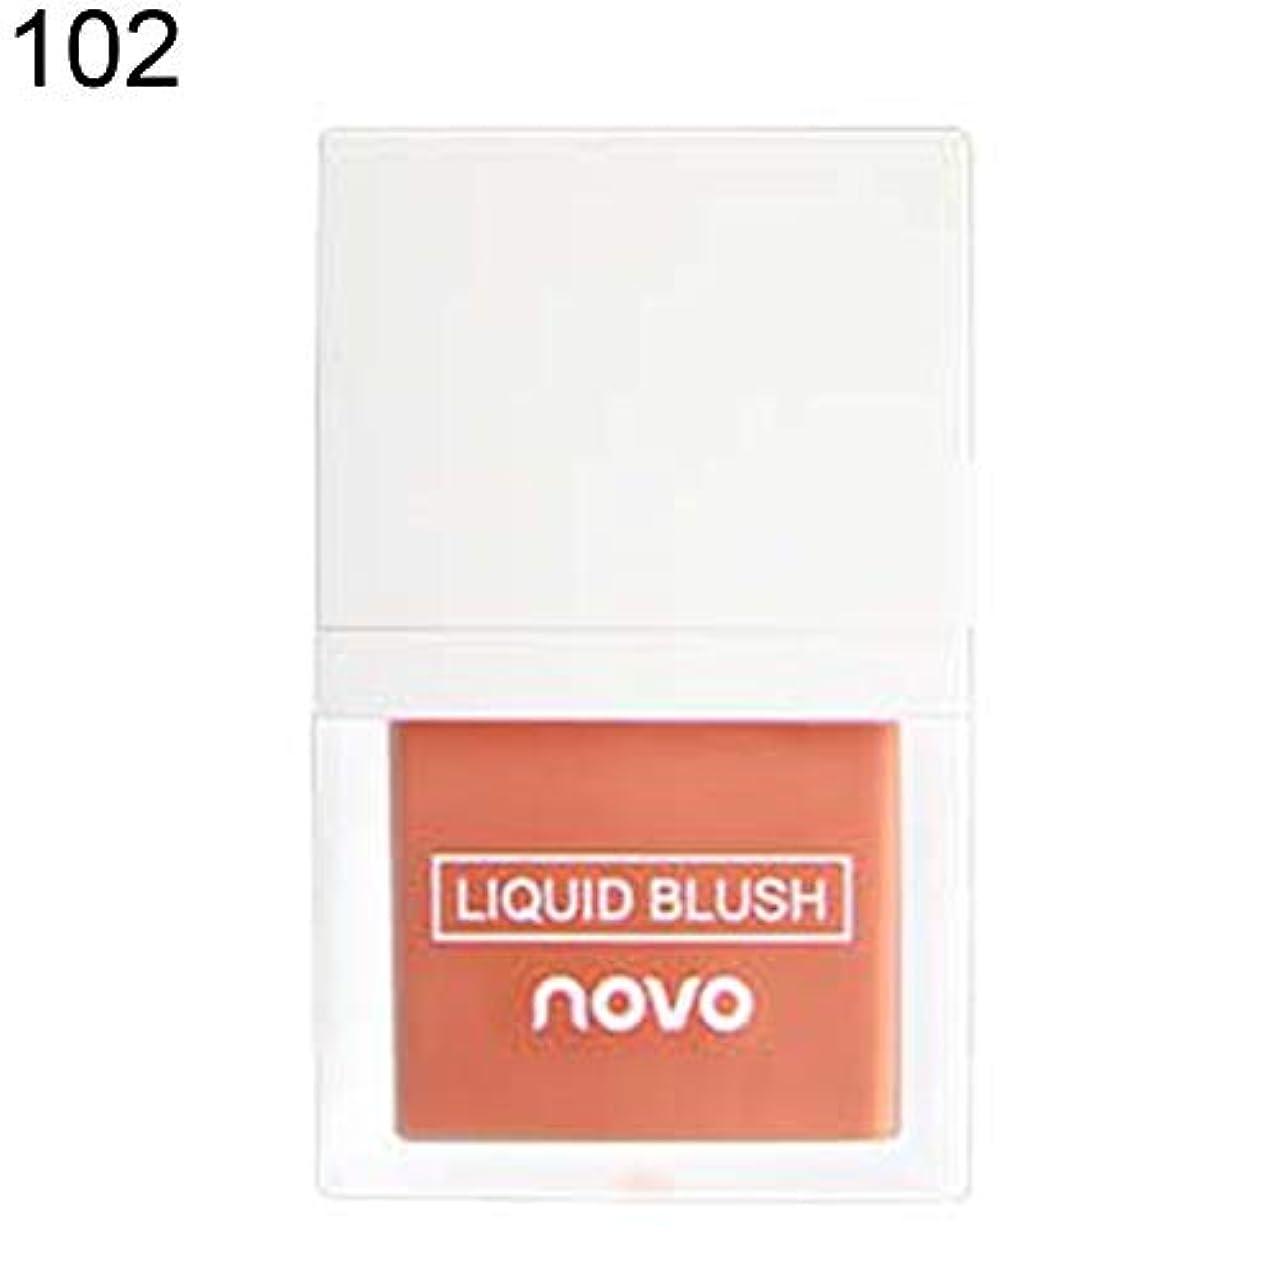 NOVO輝く長続きがする液体赤面保湿ナチュラルフェイス輪郭メイク - 2